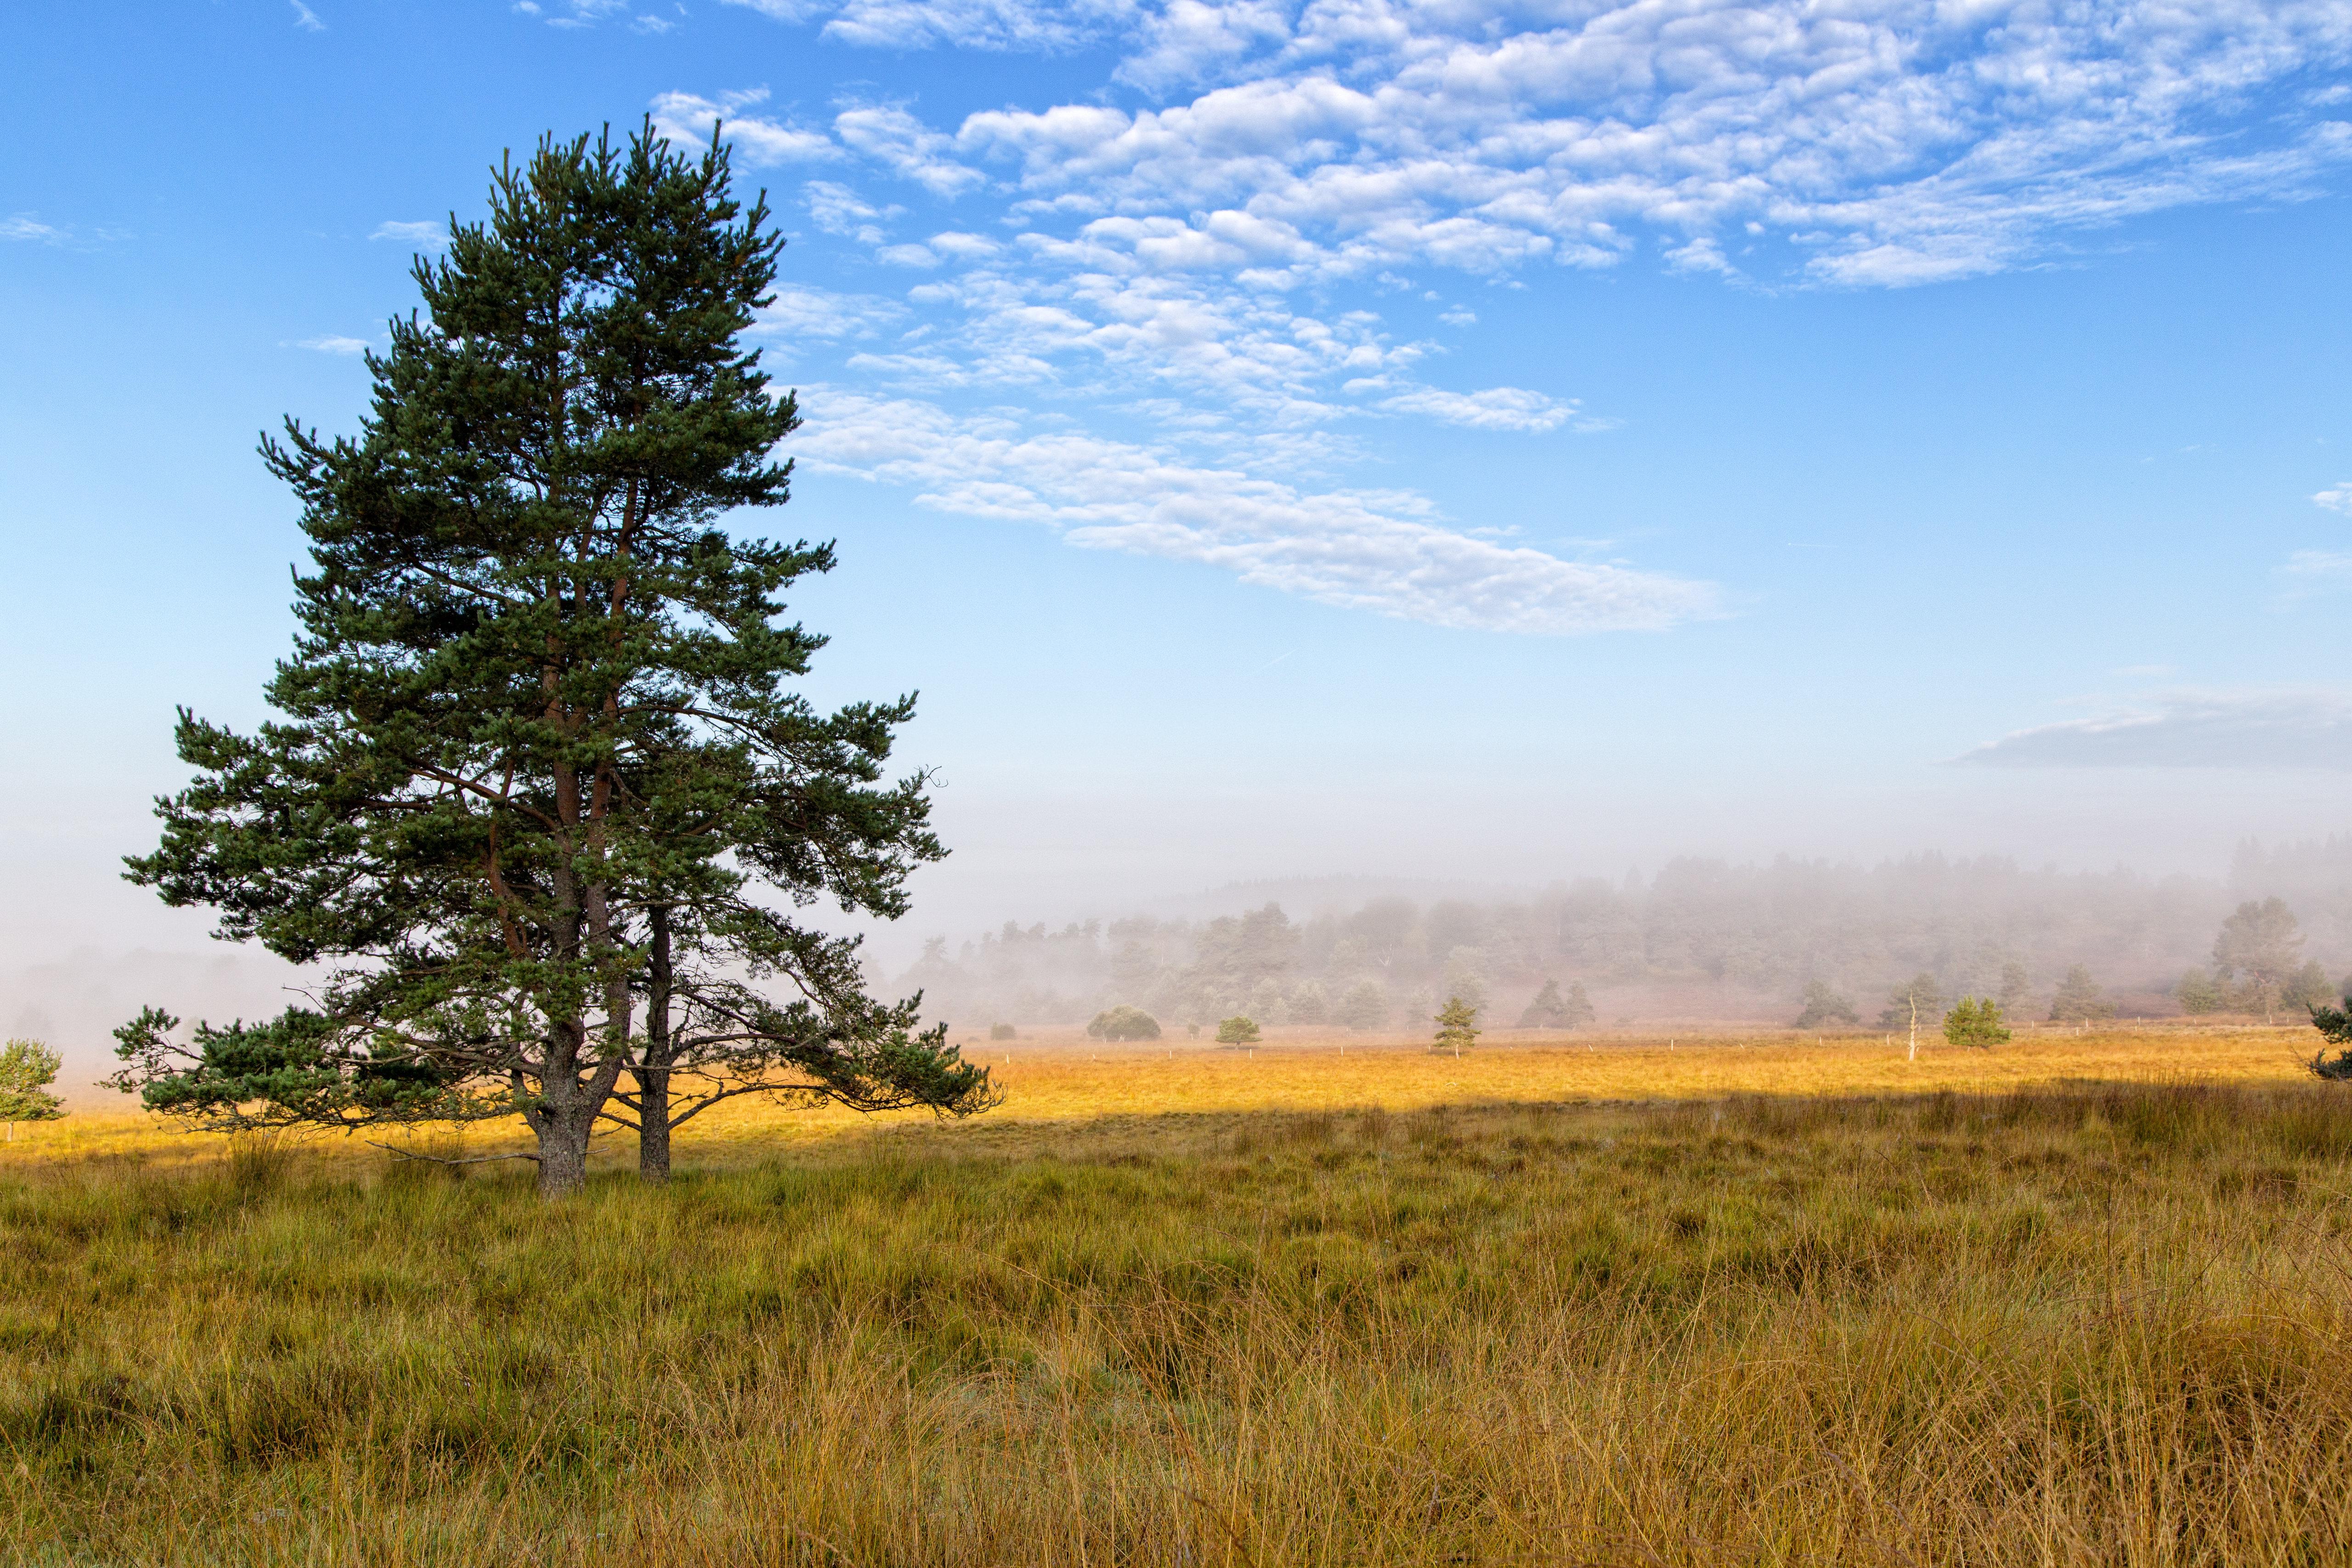 81673 скачать обои Природа, Дерево, Ветки, Ель, Поле, Трава - заставки и картинки бесплатно